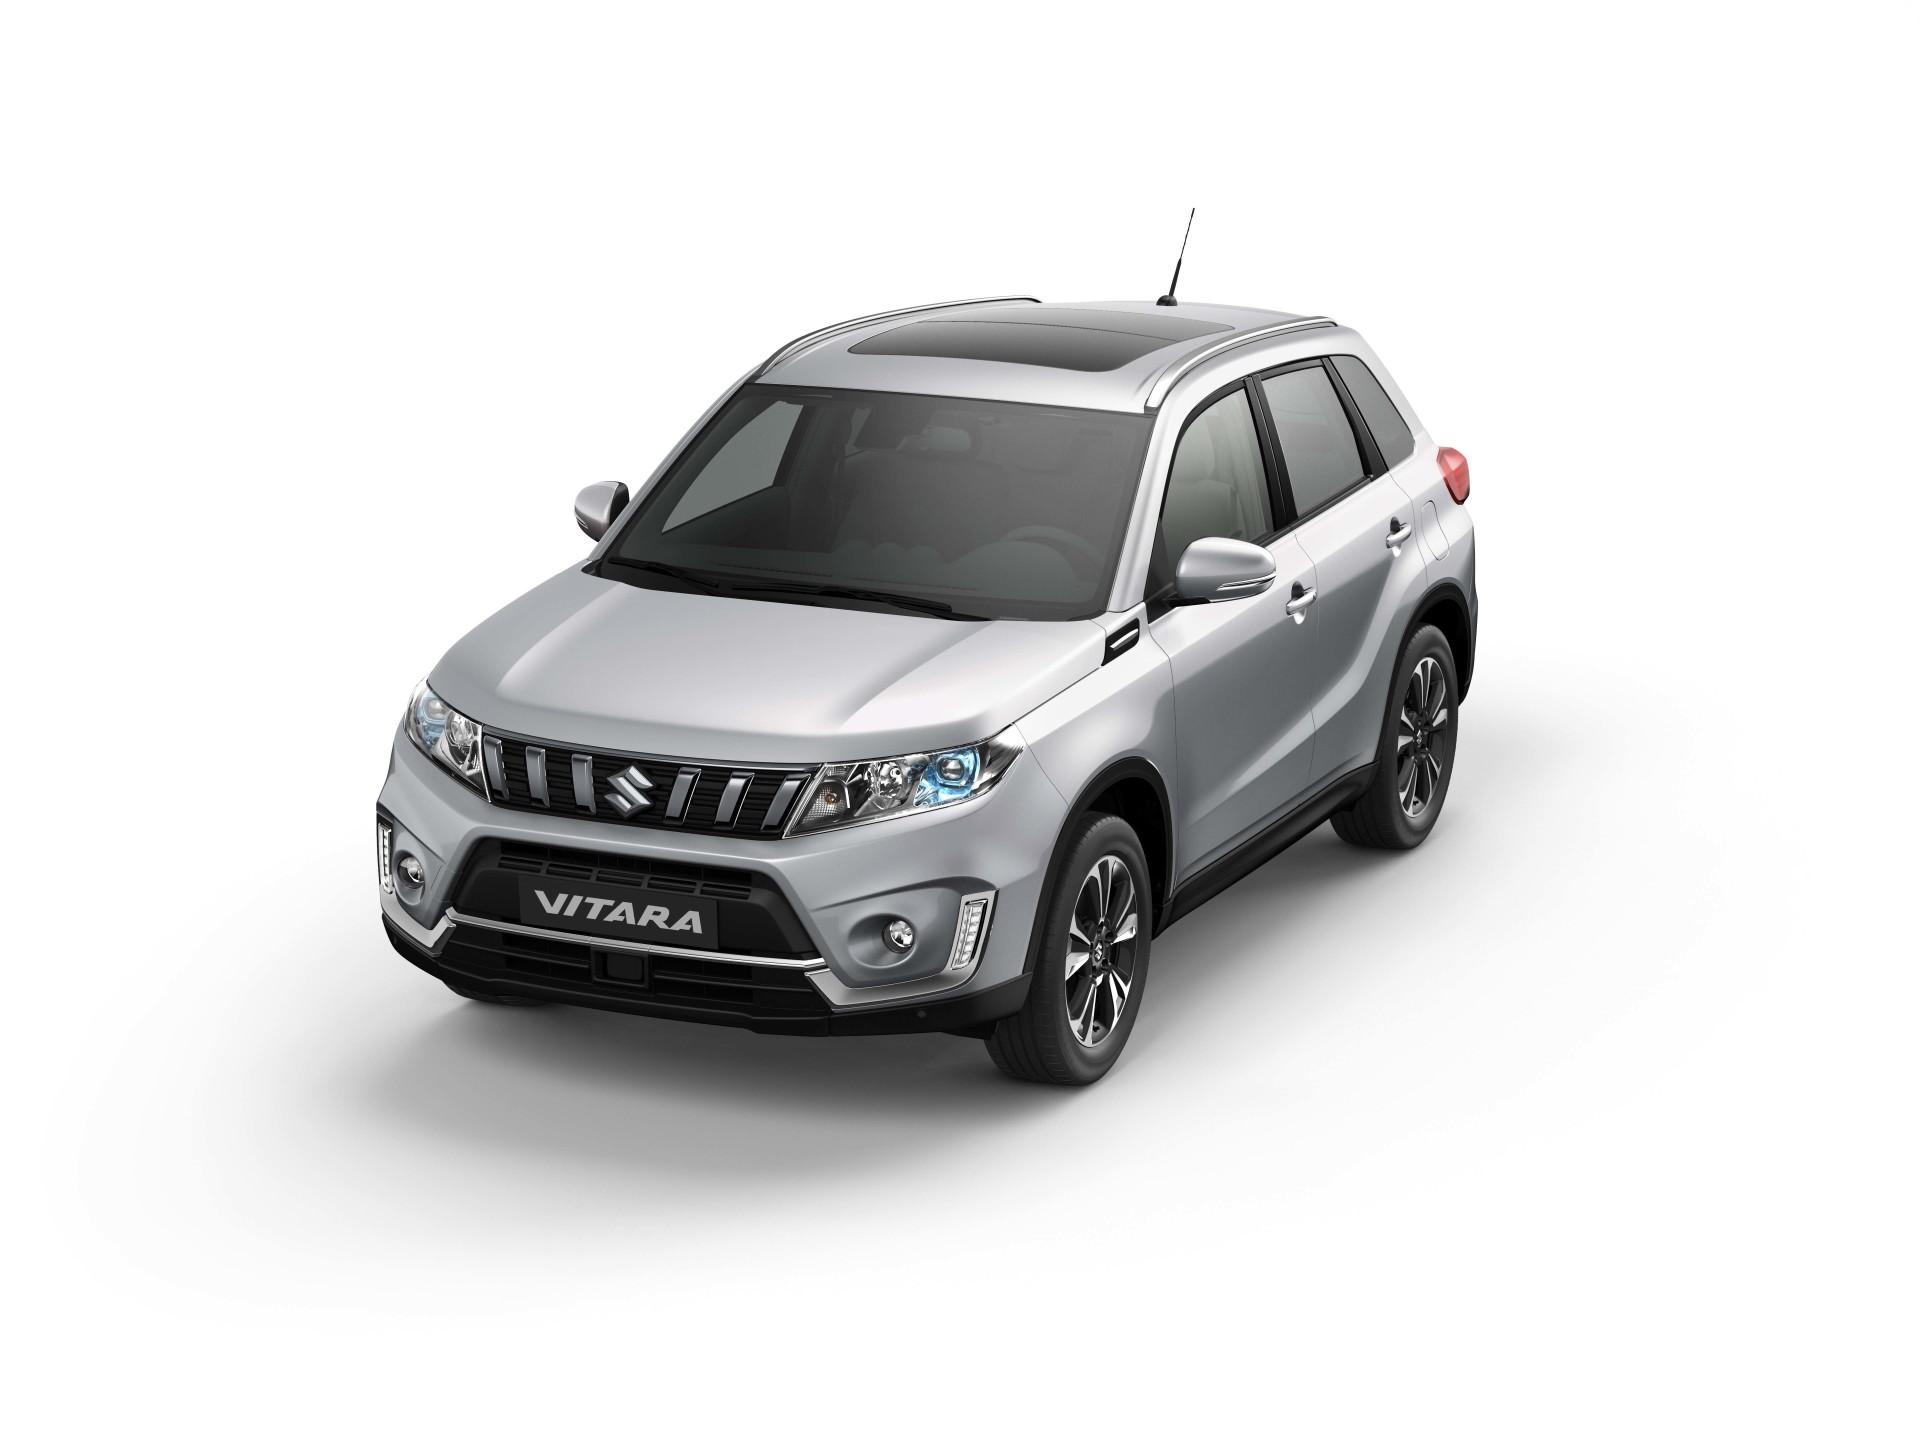 Suzuki Vitara 2018 510